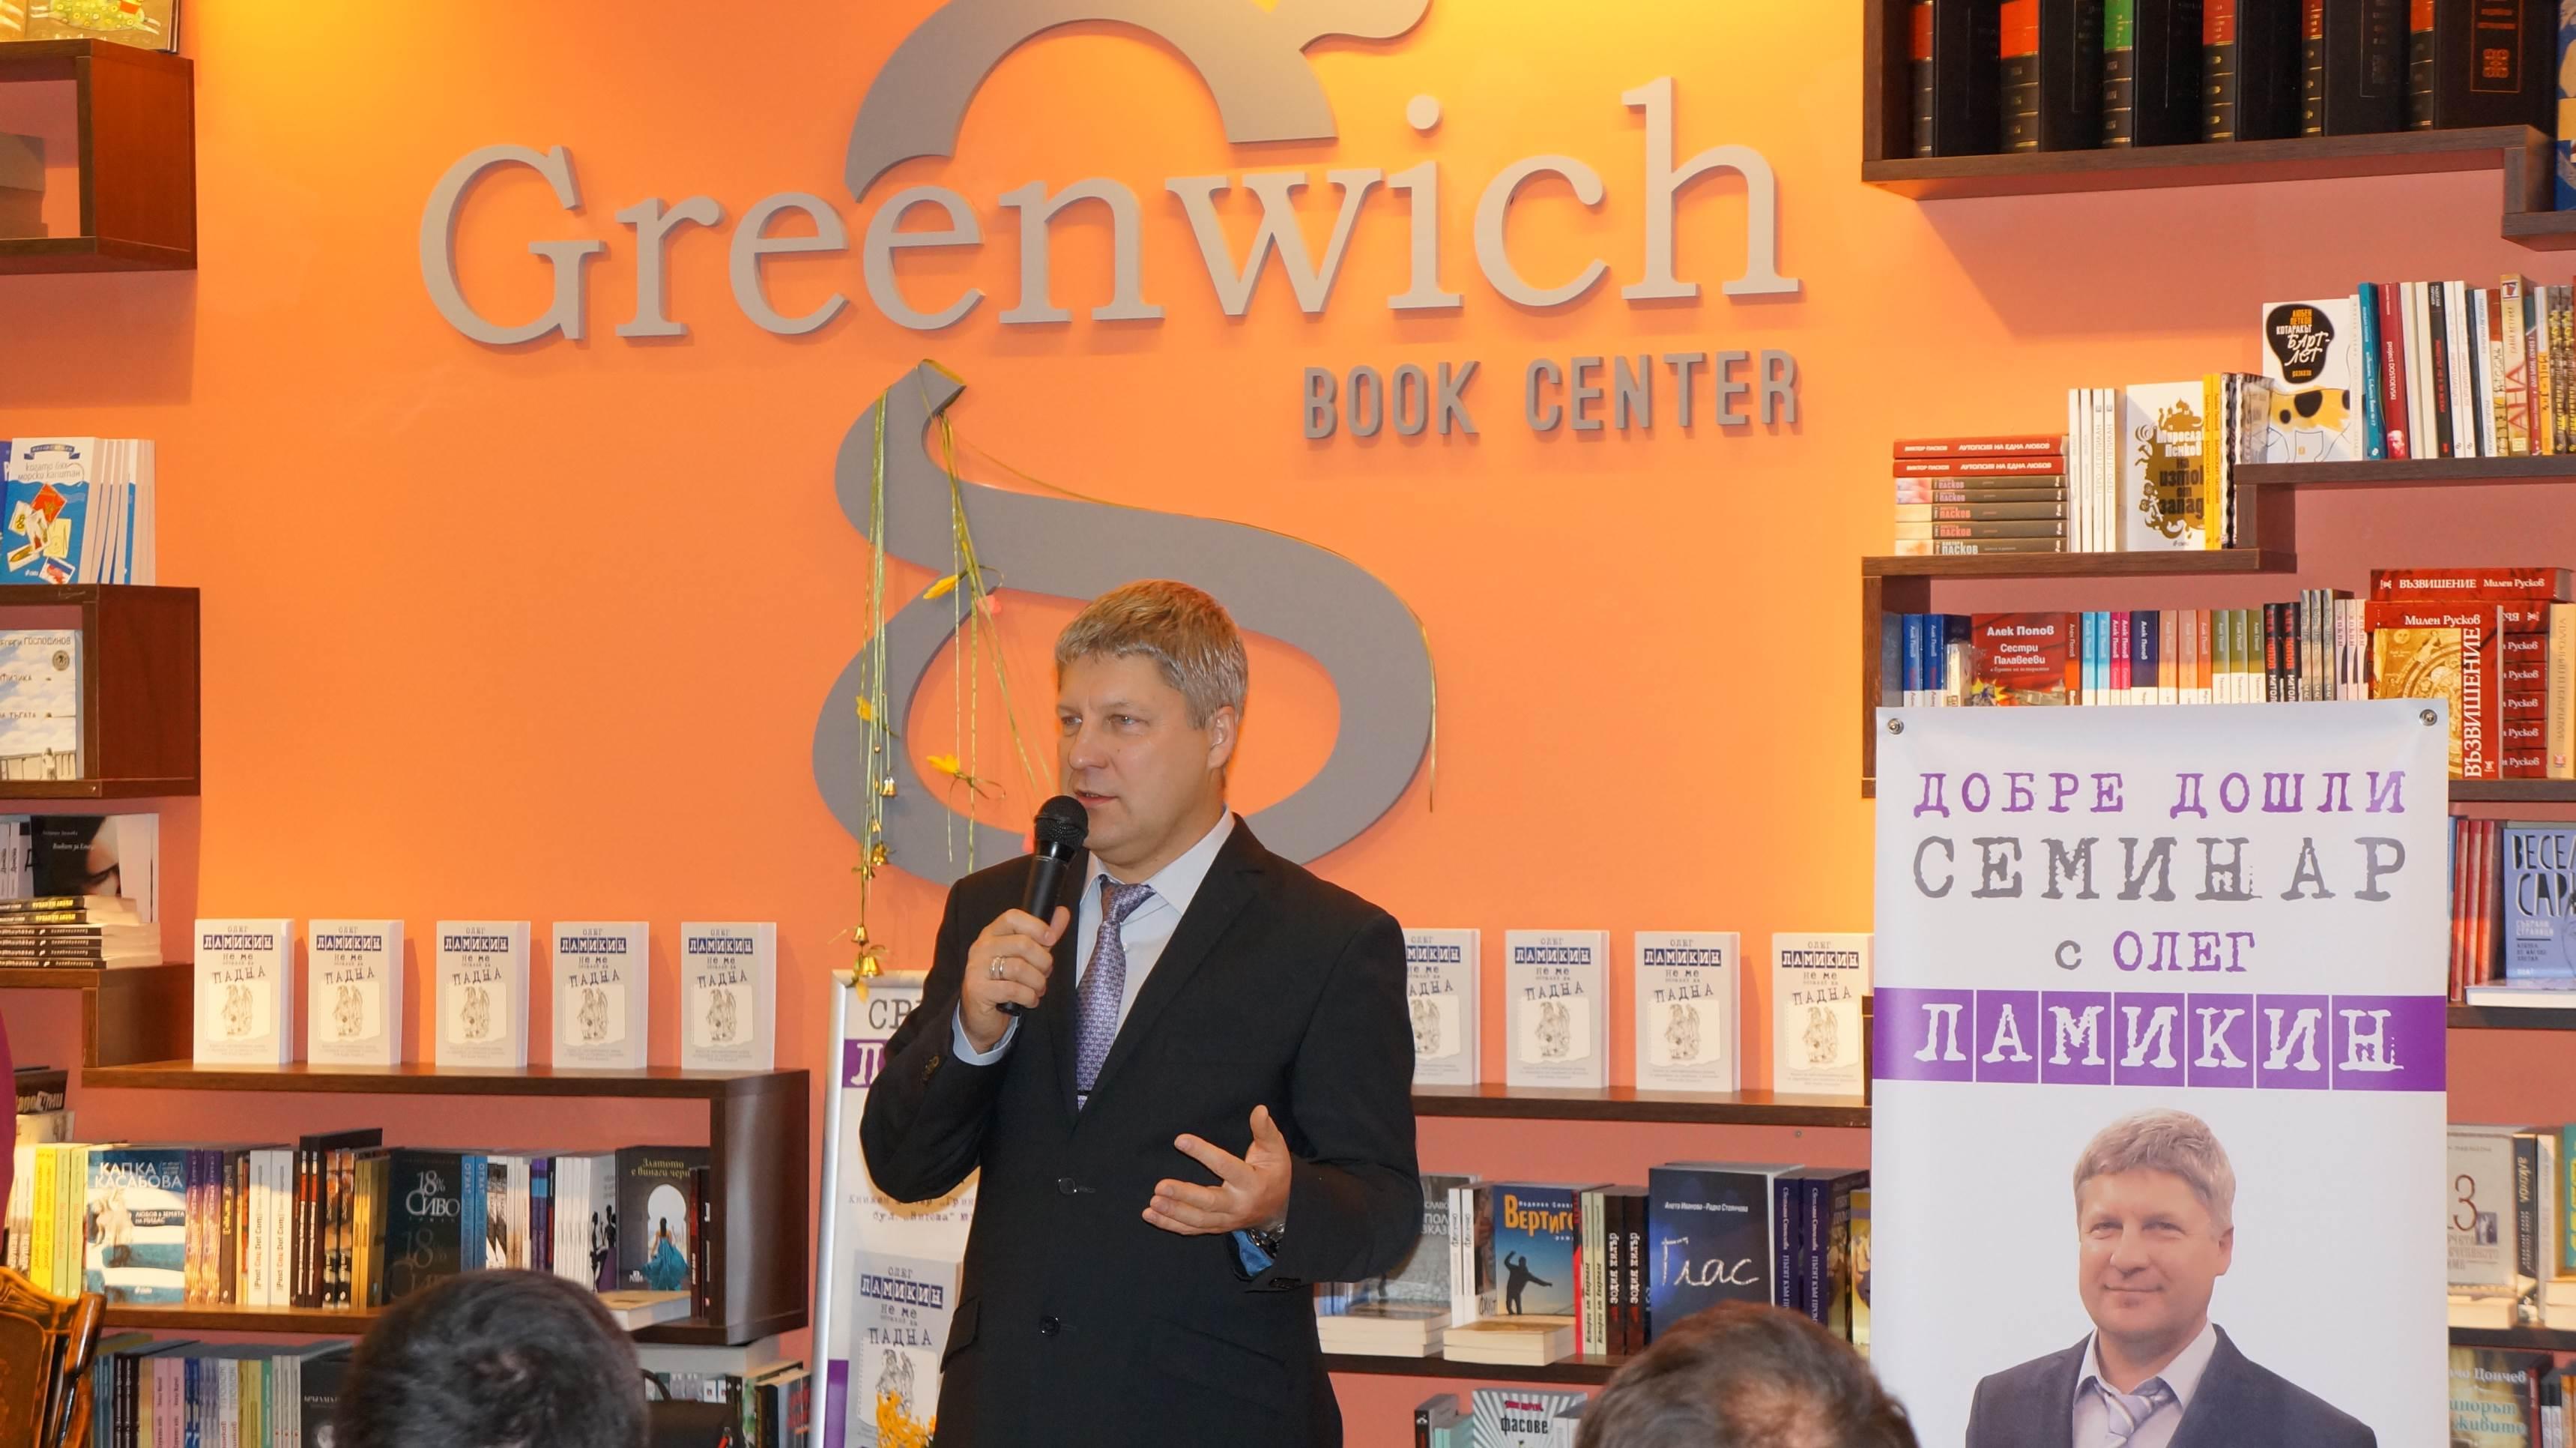 Книги в книжном центре greenwich в софии